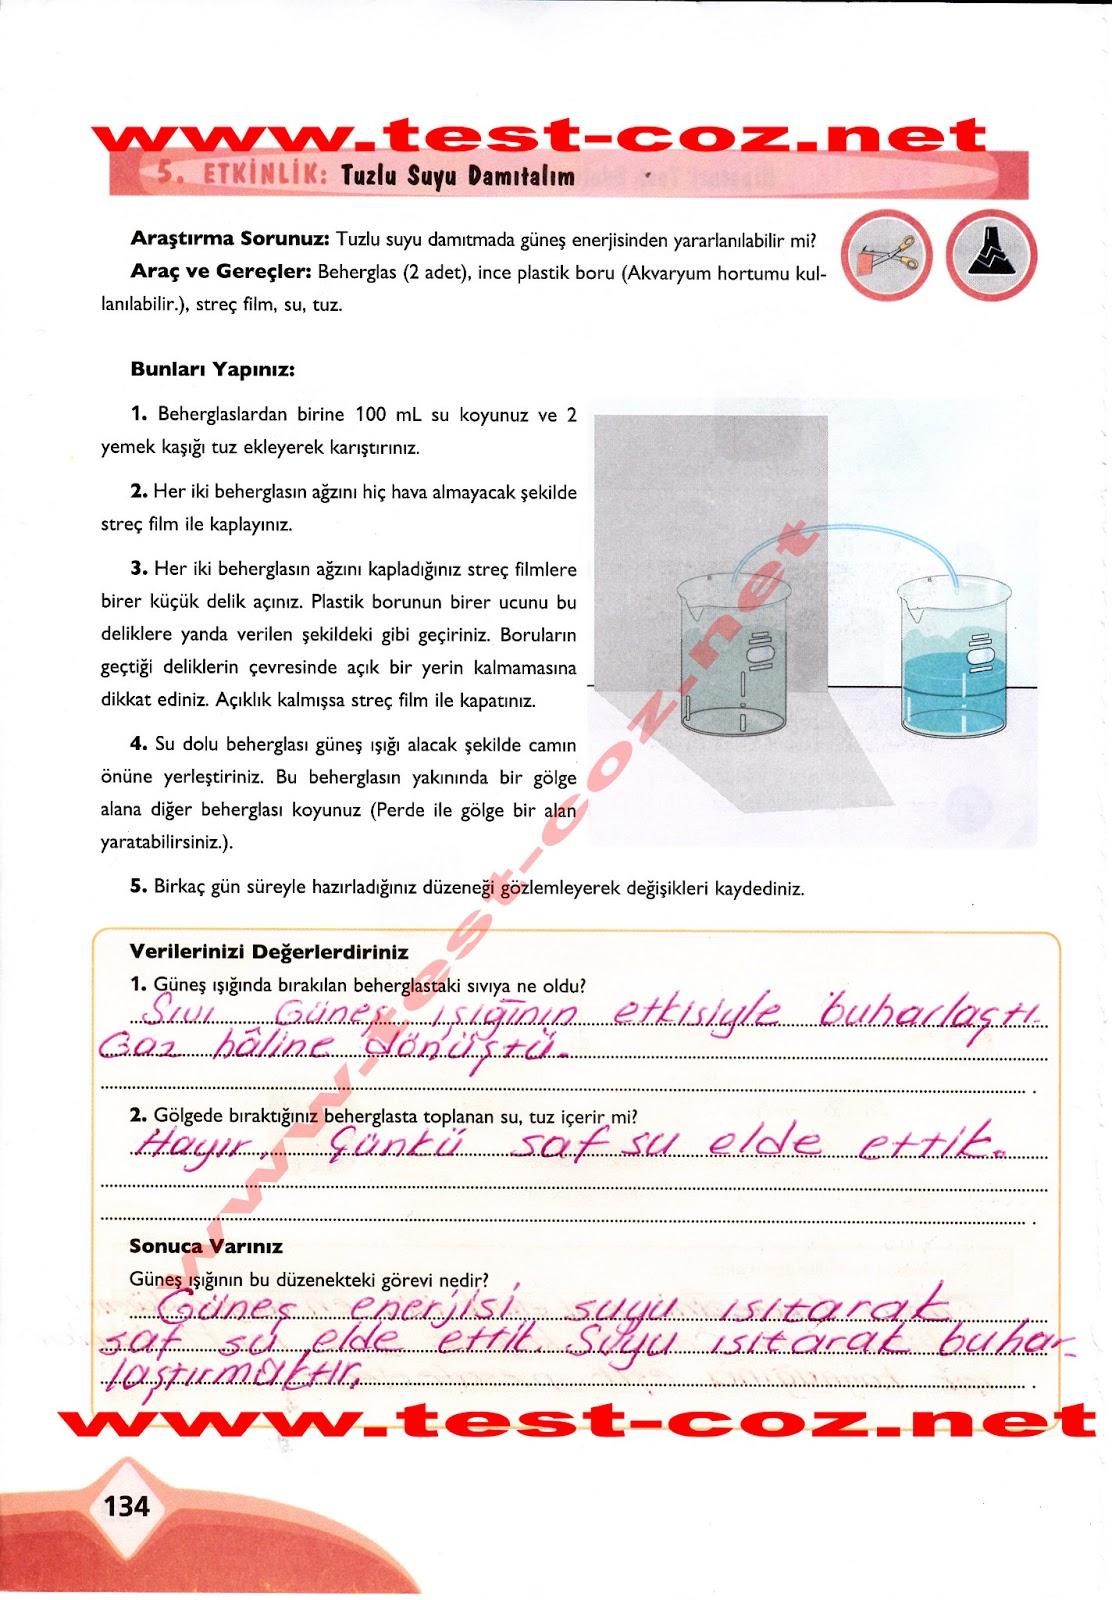 Ekoyay yayinlari 7 sinif fen ve teknoloji çalişma kitabi 134 sayfa